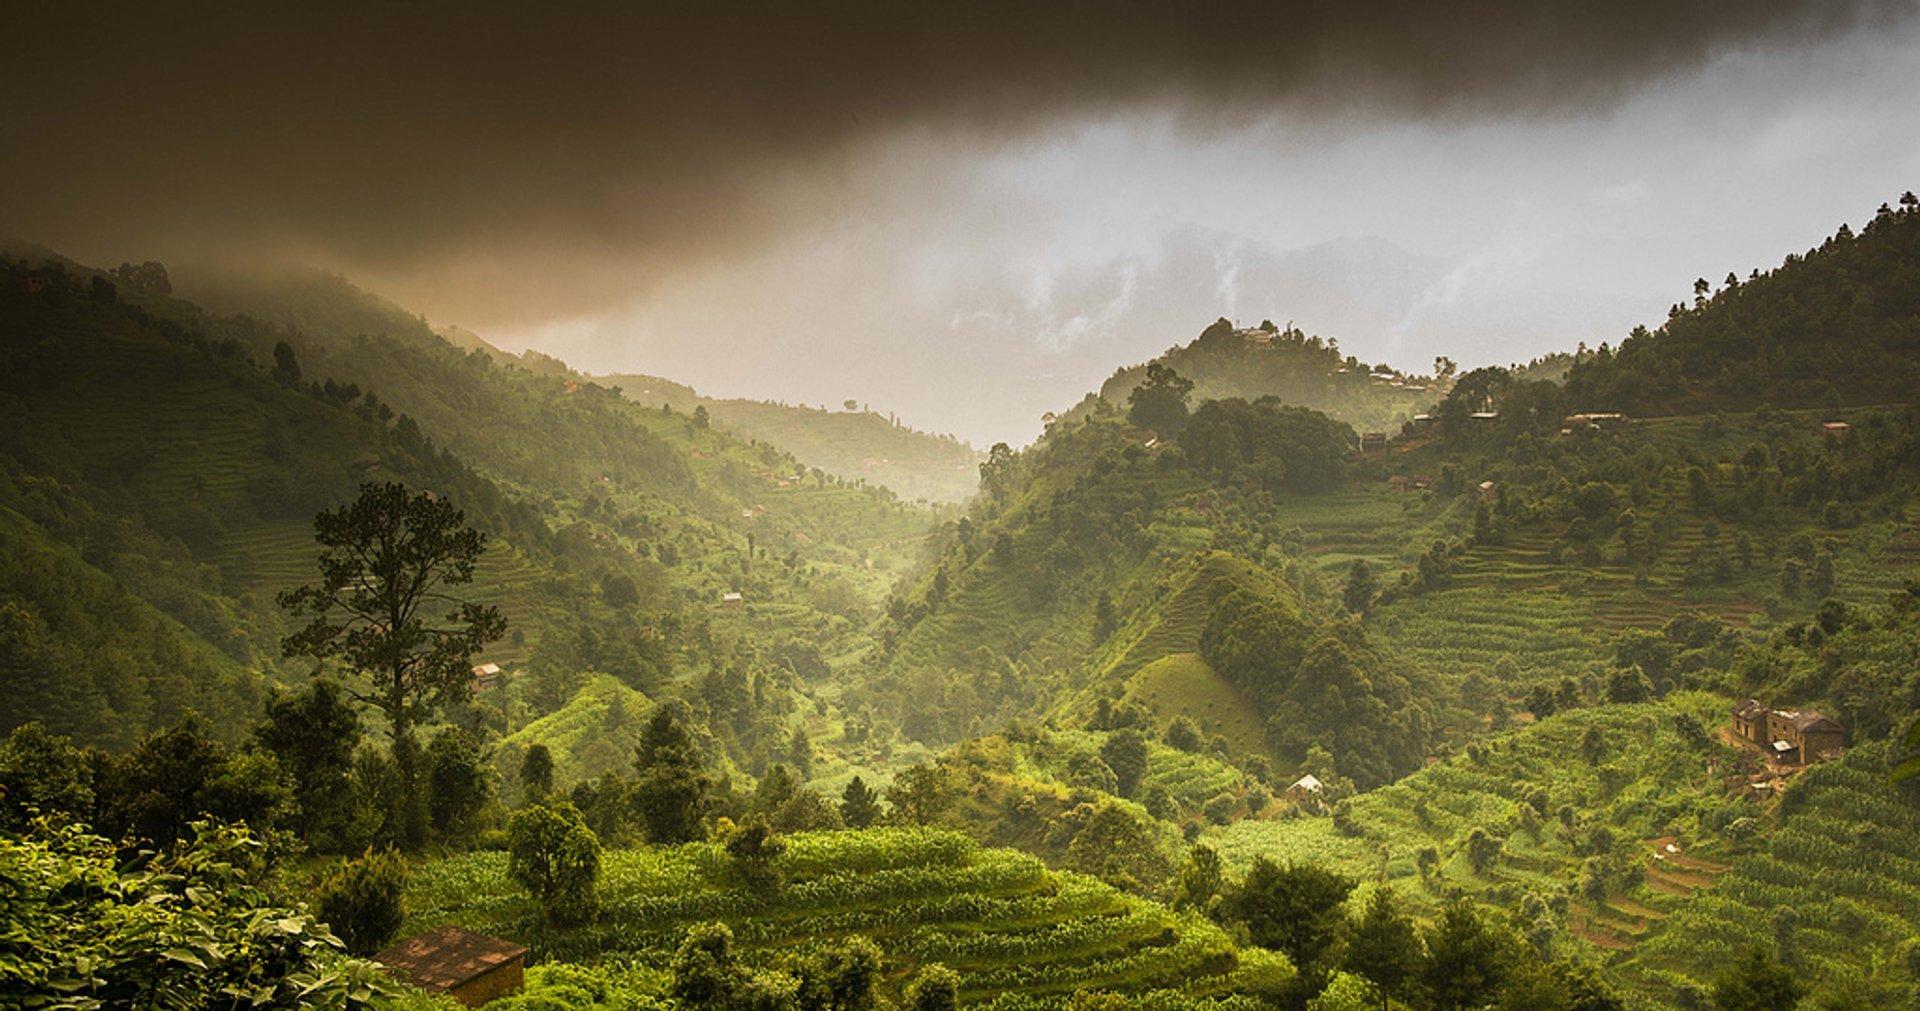 Monsoon Season in Nepal 2019 - Best Time